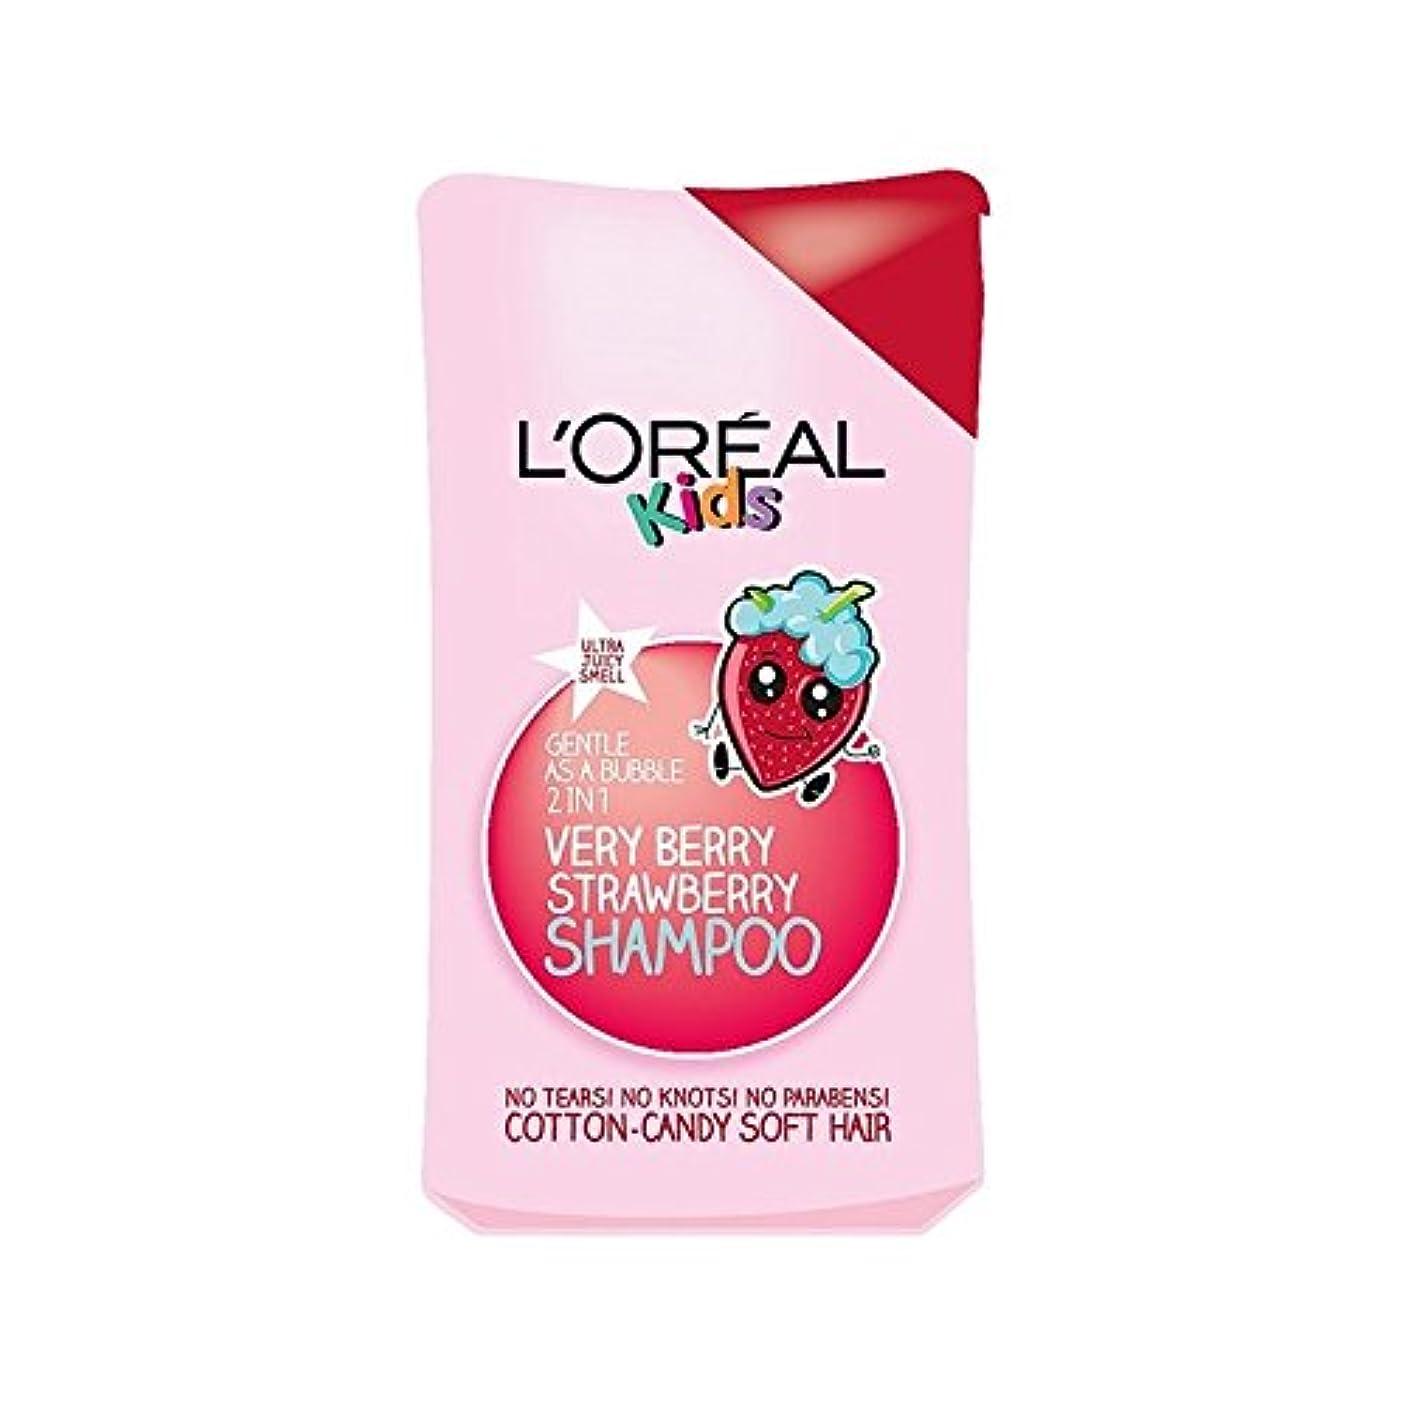 資格鈍い橋脚1シャンプー250ミリリットル中の子供たちは非常にベリーストロベリー2 (L'Oreal) (x 2) - L'Oreal Kids Very Berry Strawberry 2 in 1 Shampoo 250ml (Pack of 2) [並行輸入品]